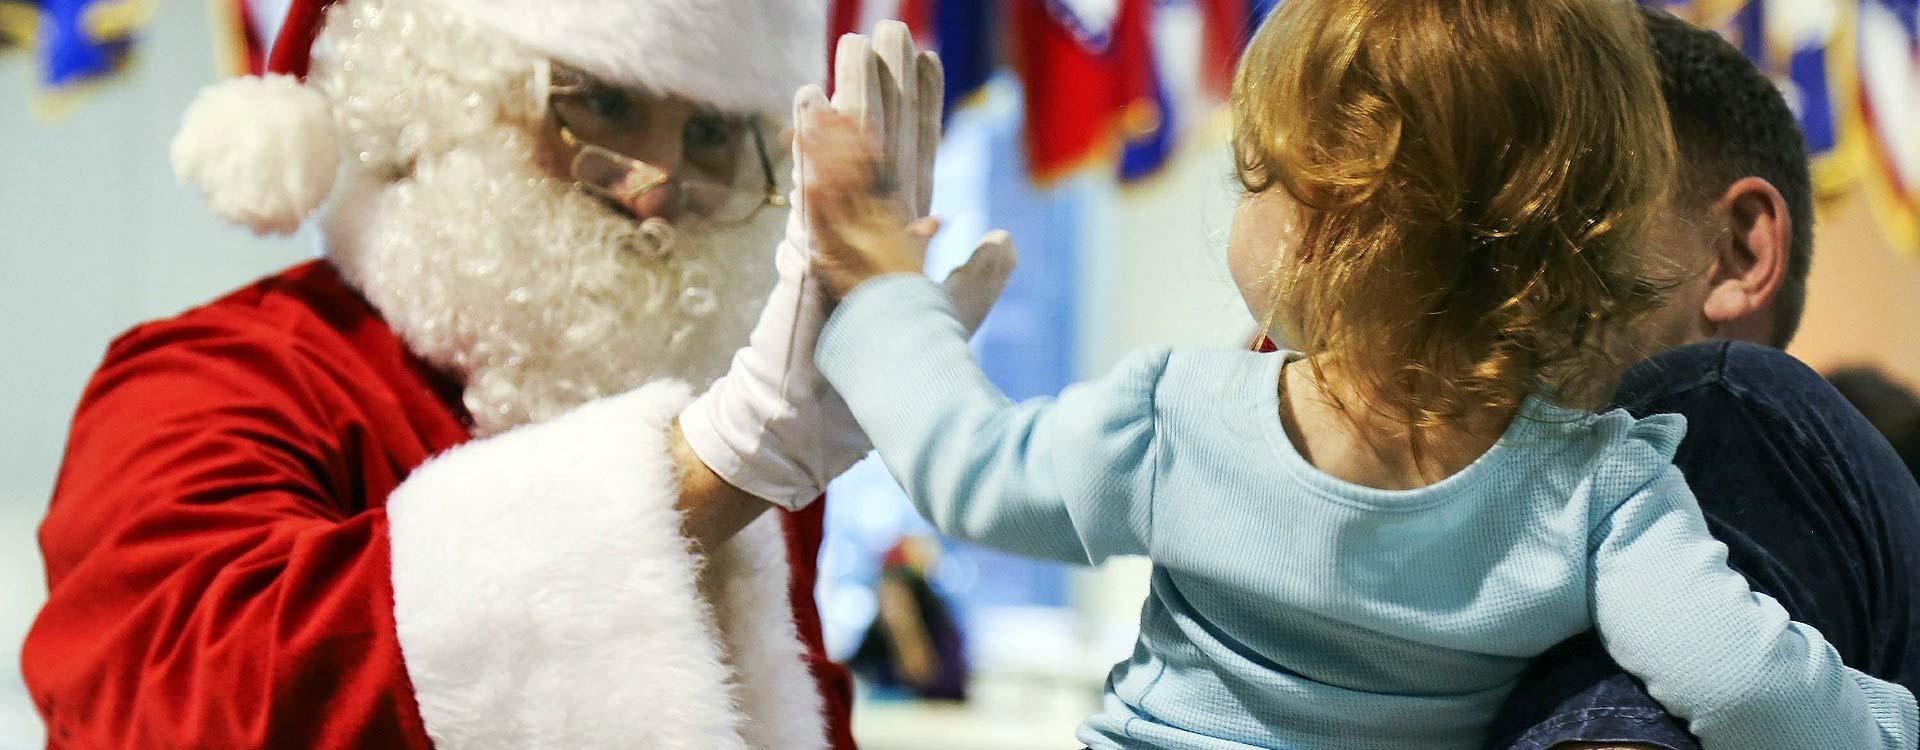 Ein liebes und lustiges Nikolausgedicht schön vorgetragen begeistert nicht nur den Nikolaus